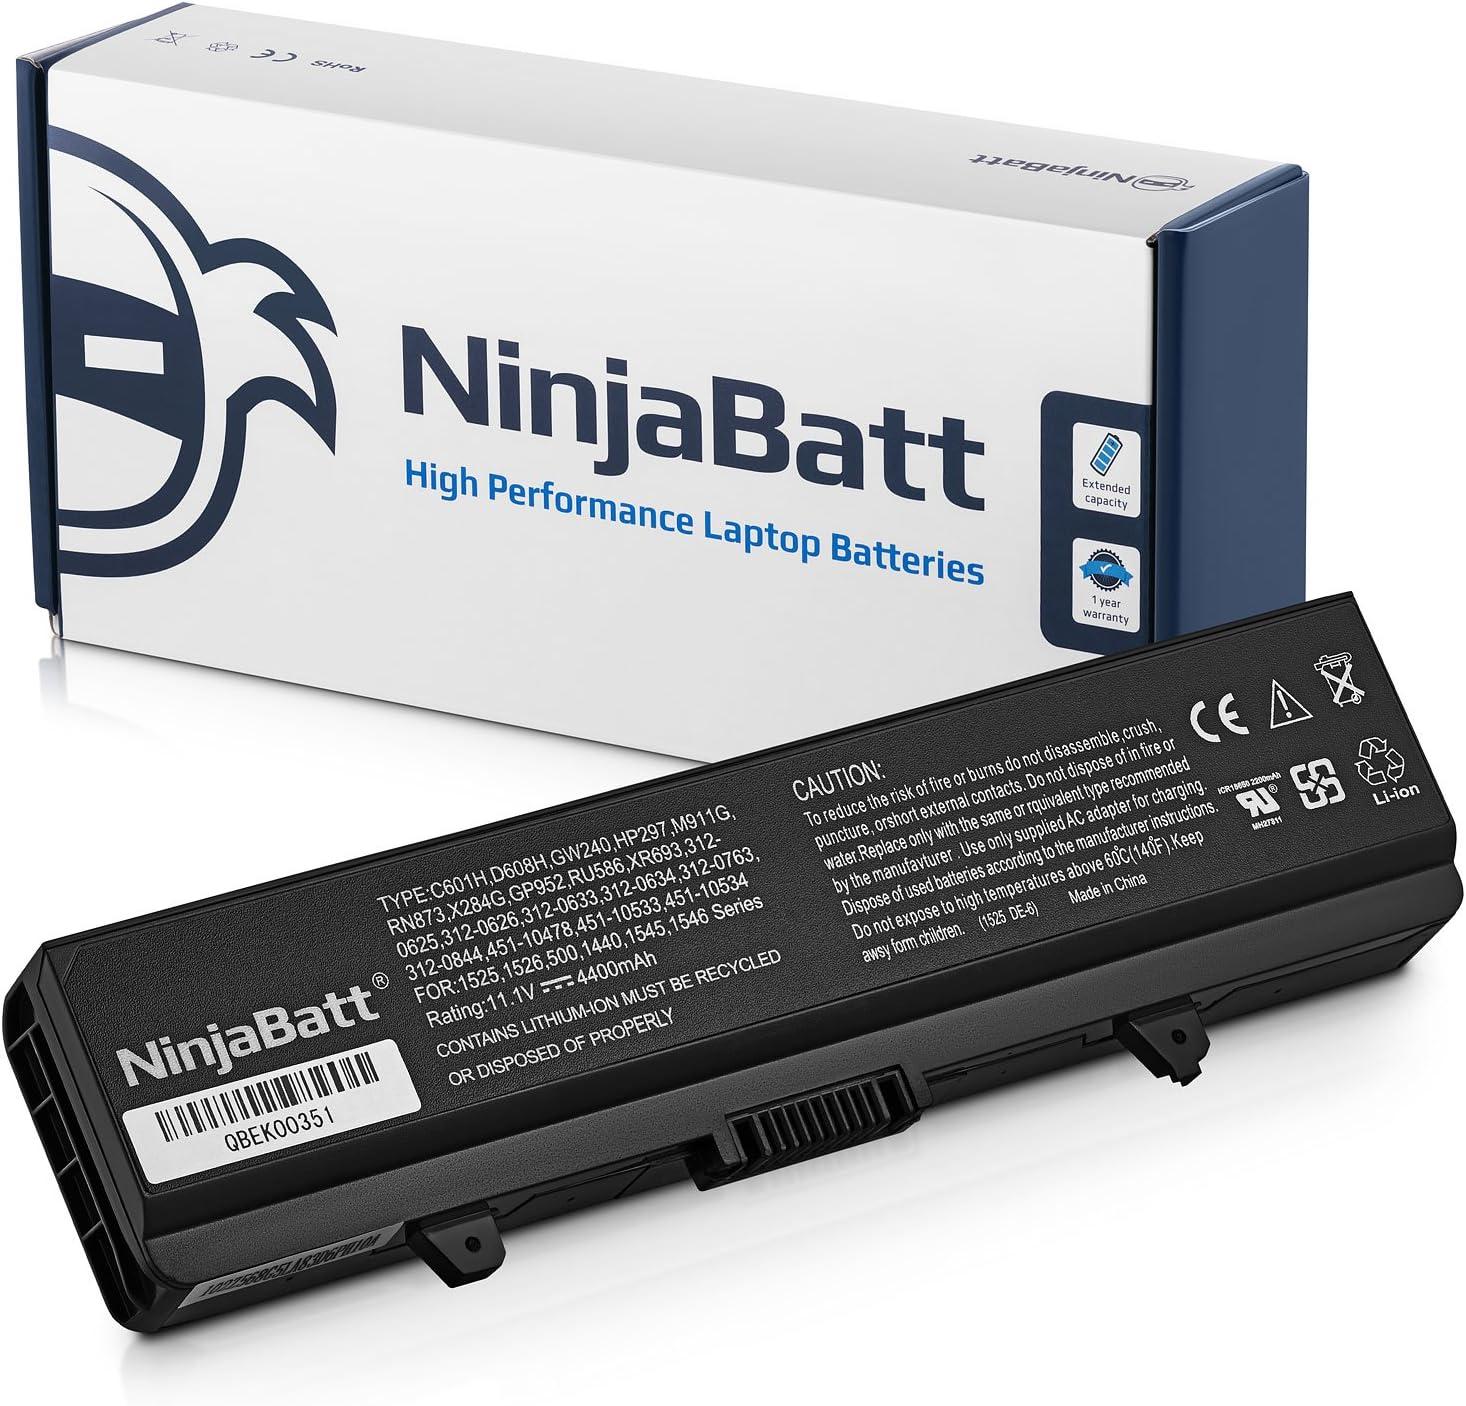 NinjaBatt Laptop Battery for Dell 1545 1440 X284G 1525 PP29L M911G GW240 PP41L RN873 1750 GP252 GP952 1546 1526 1440N 312-0625 312-0626 GW252 RU573 RW240 XR693 P277 Vostro 500 - [6 Cells/4400mAh/48Wh]